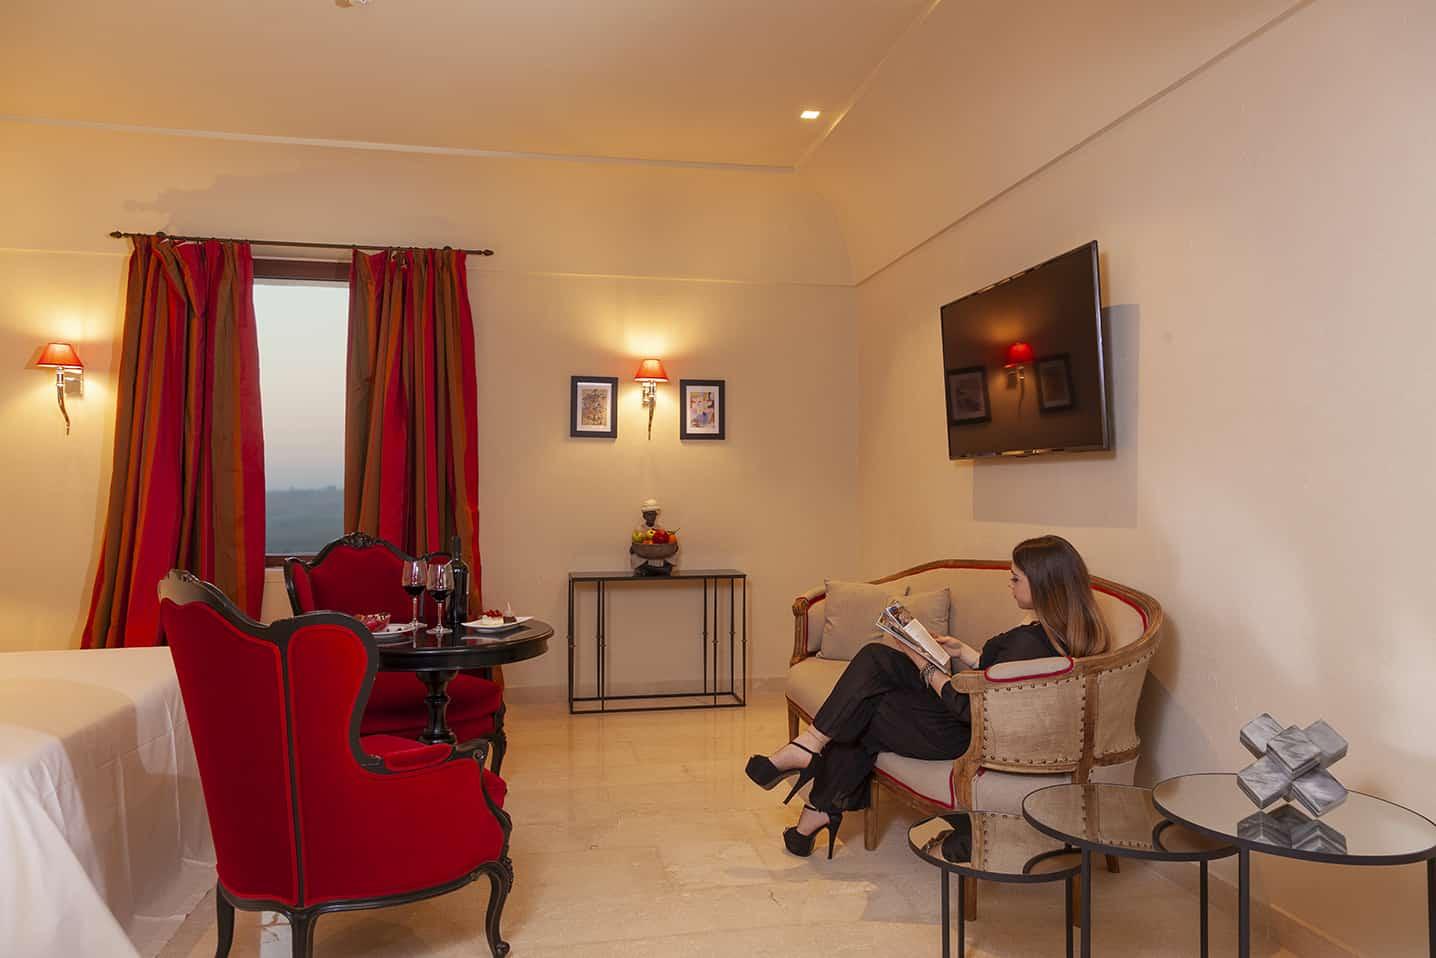 Junior Suite, Hotel Matera - Alvino 1884